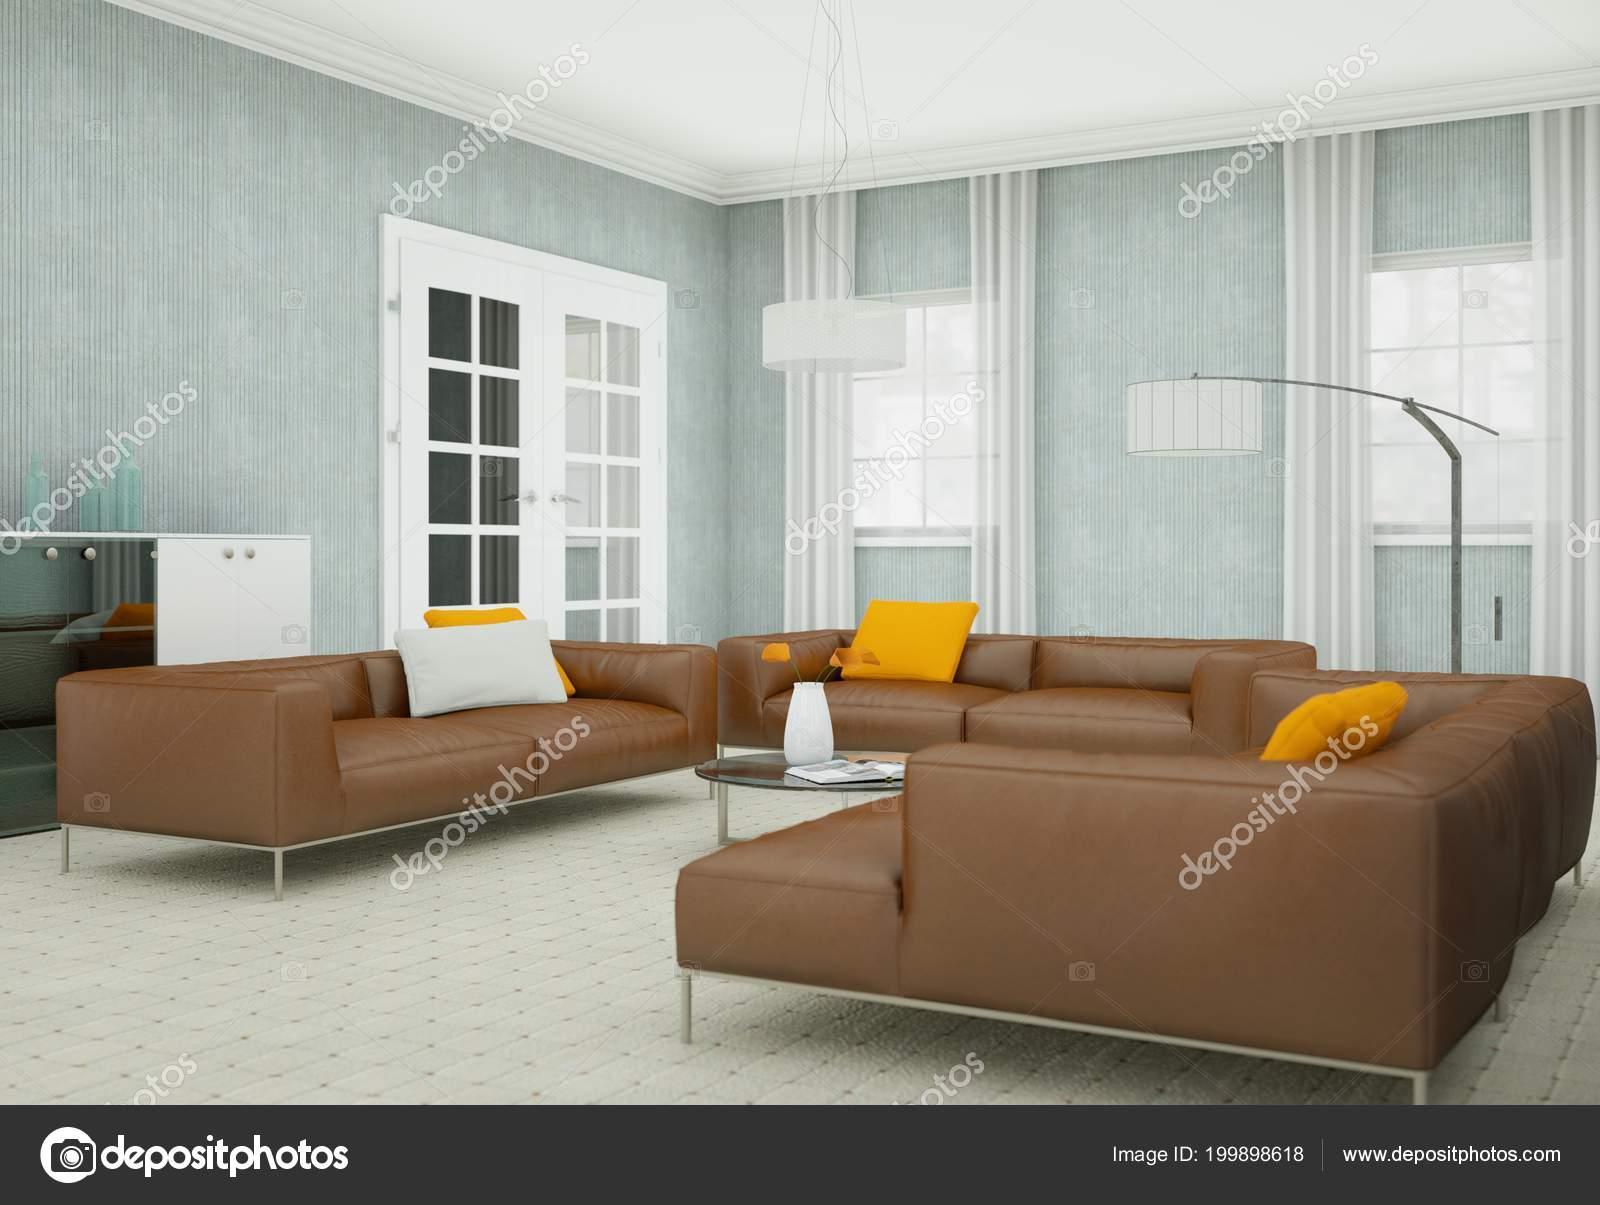 Wunderbar Moderne Wohnzimmer Interieurdesign Mit Braunen Ledersofas U2014 Stockfoto